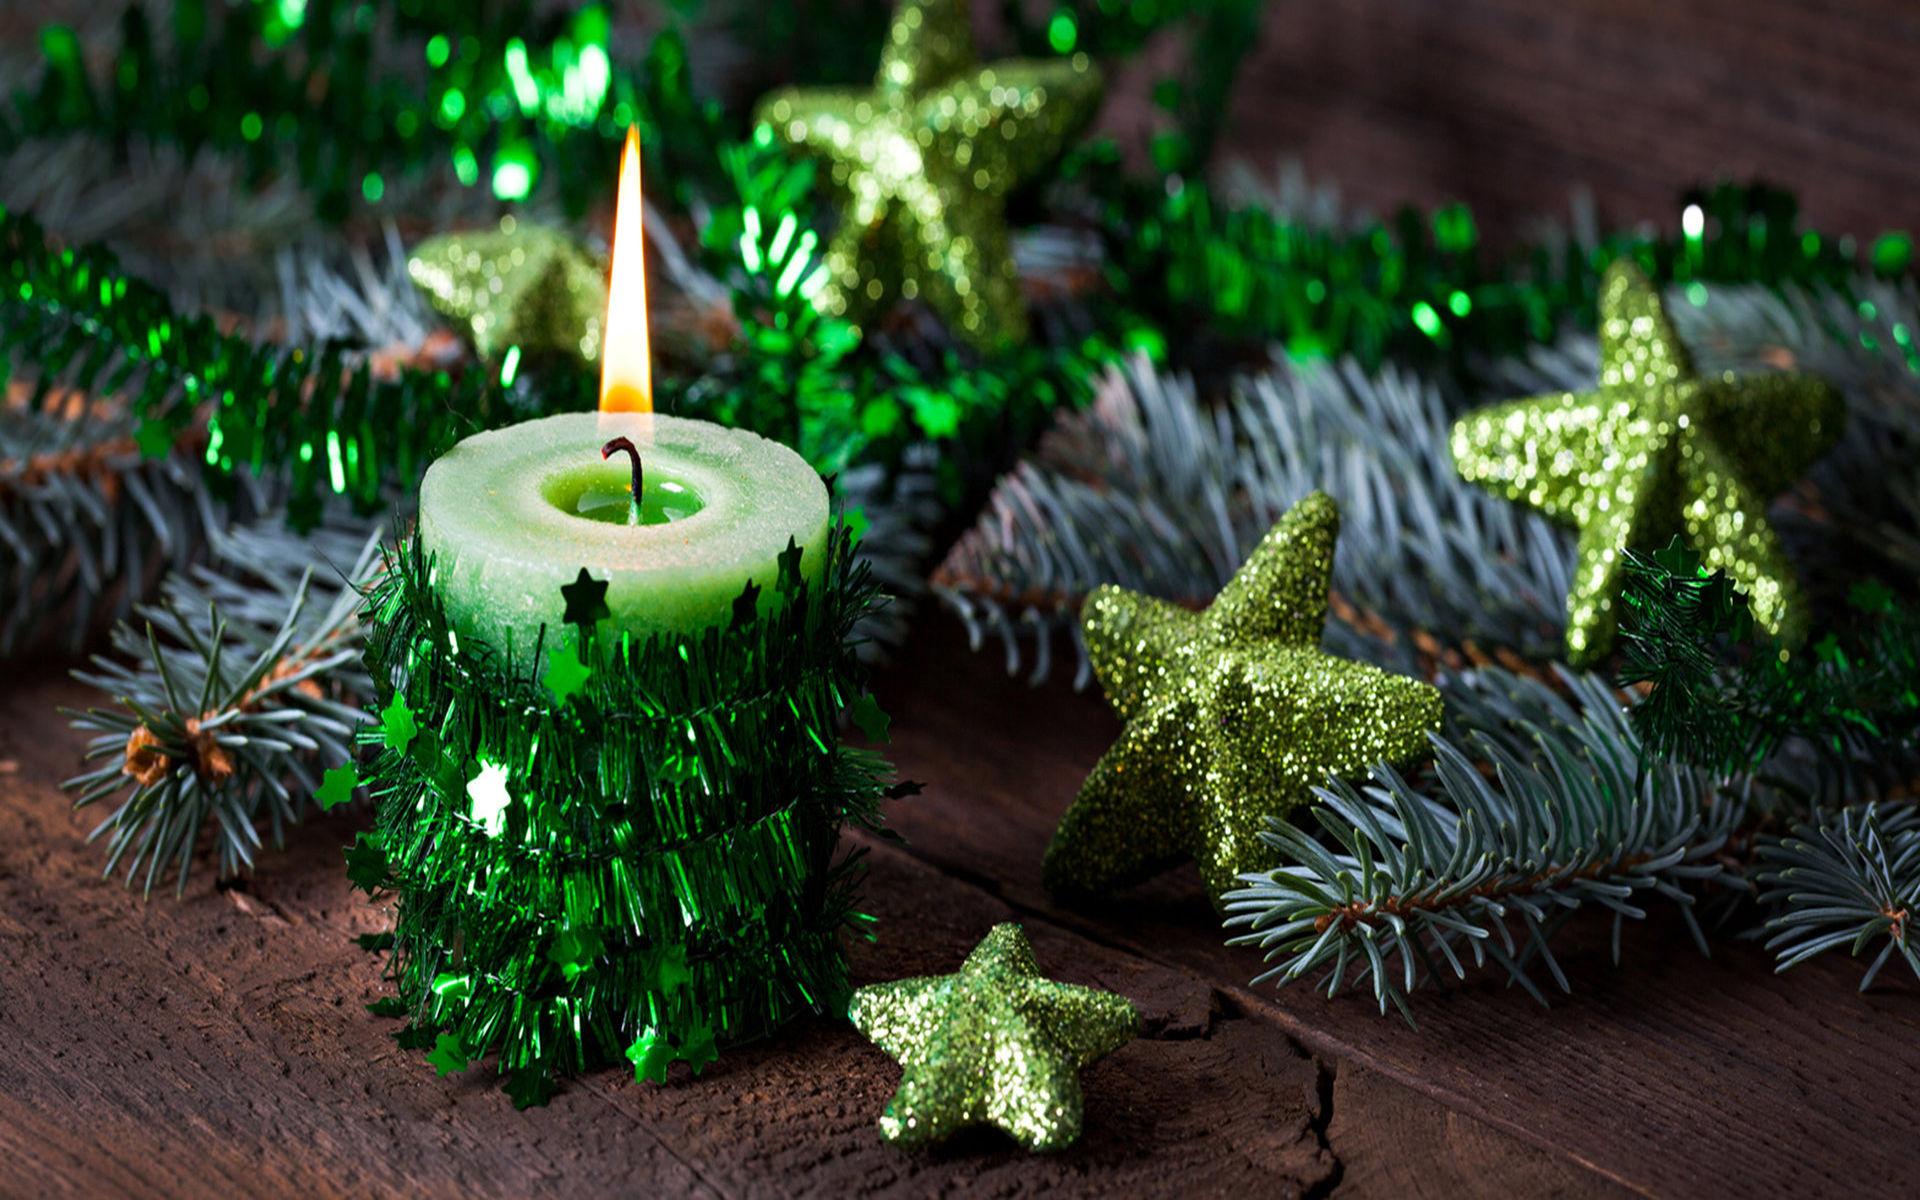 его картинка зеленые свечи плести бисера